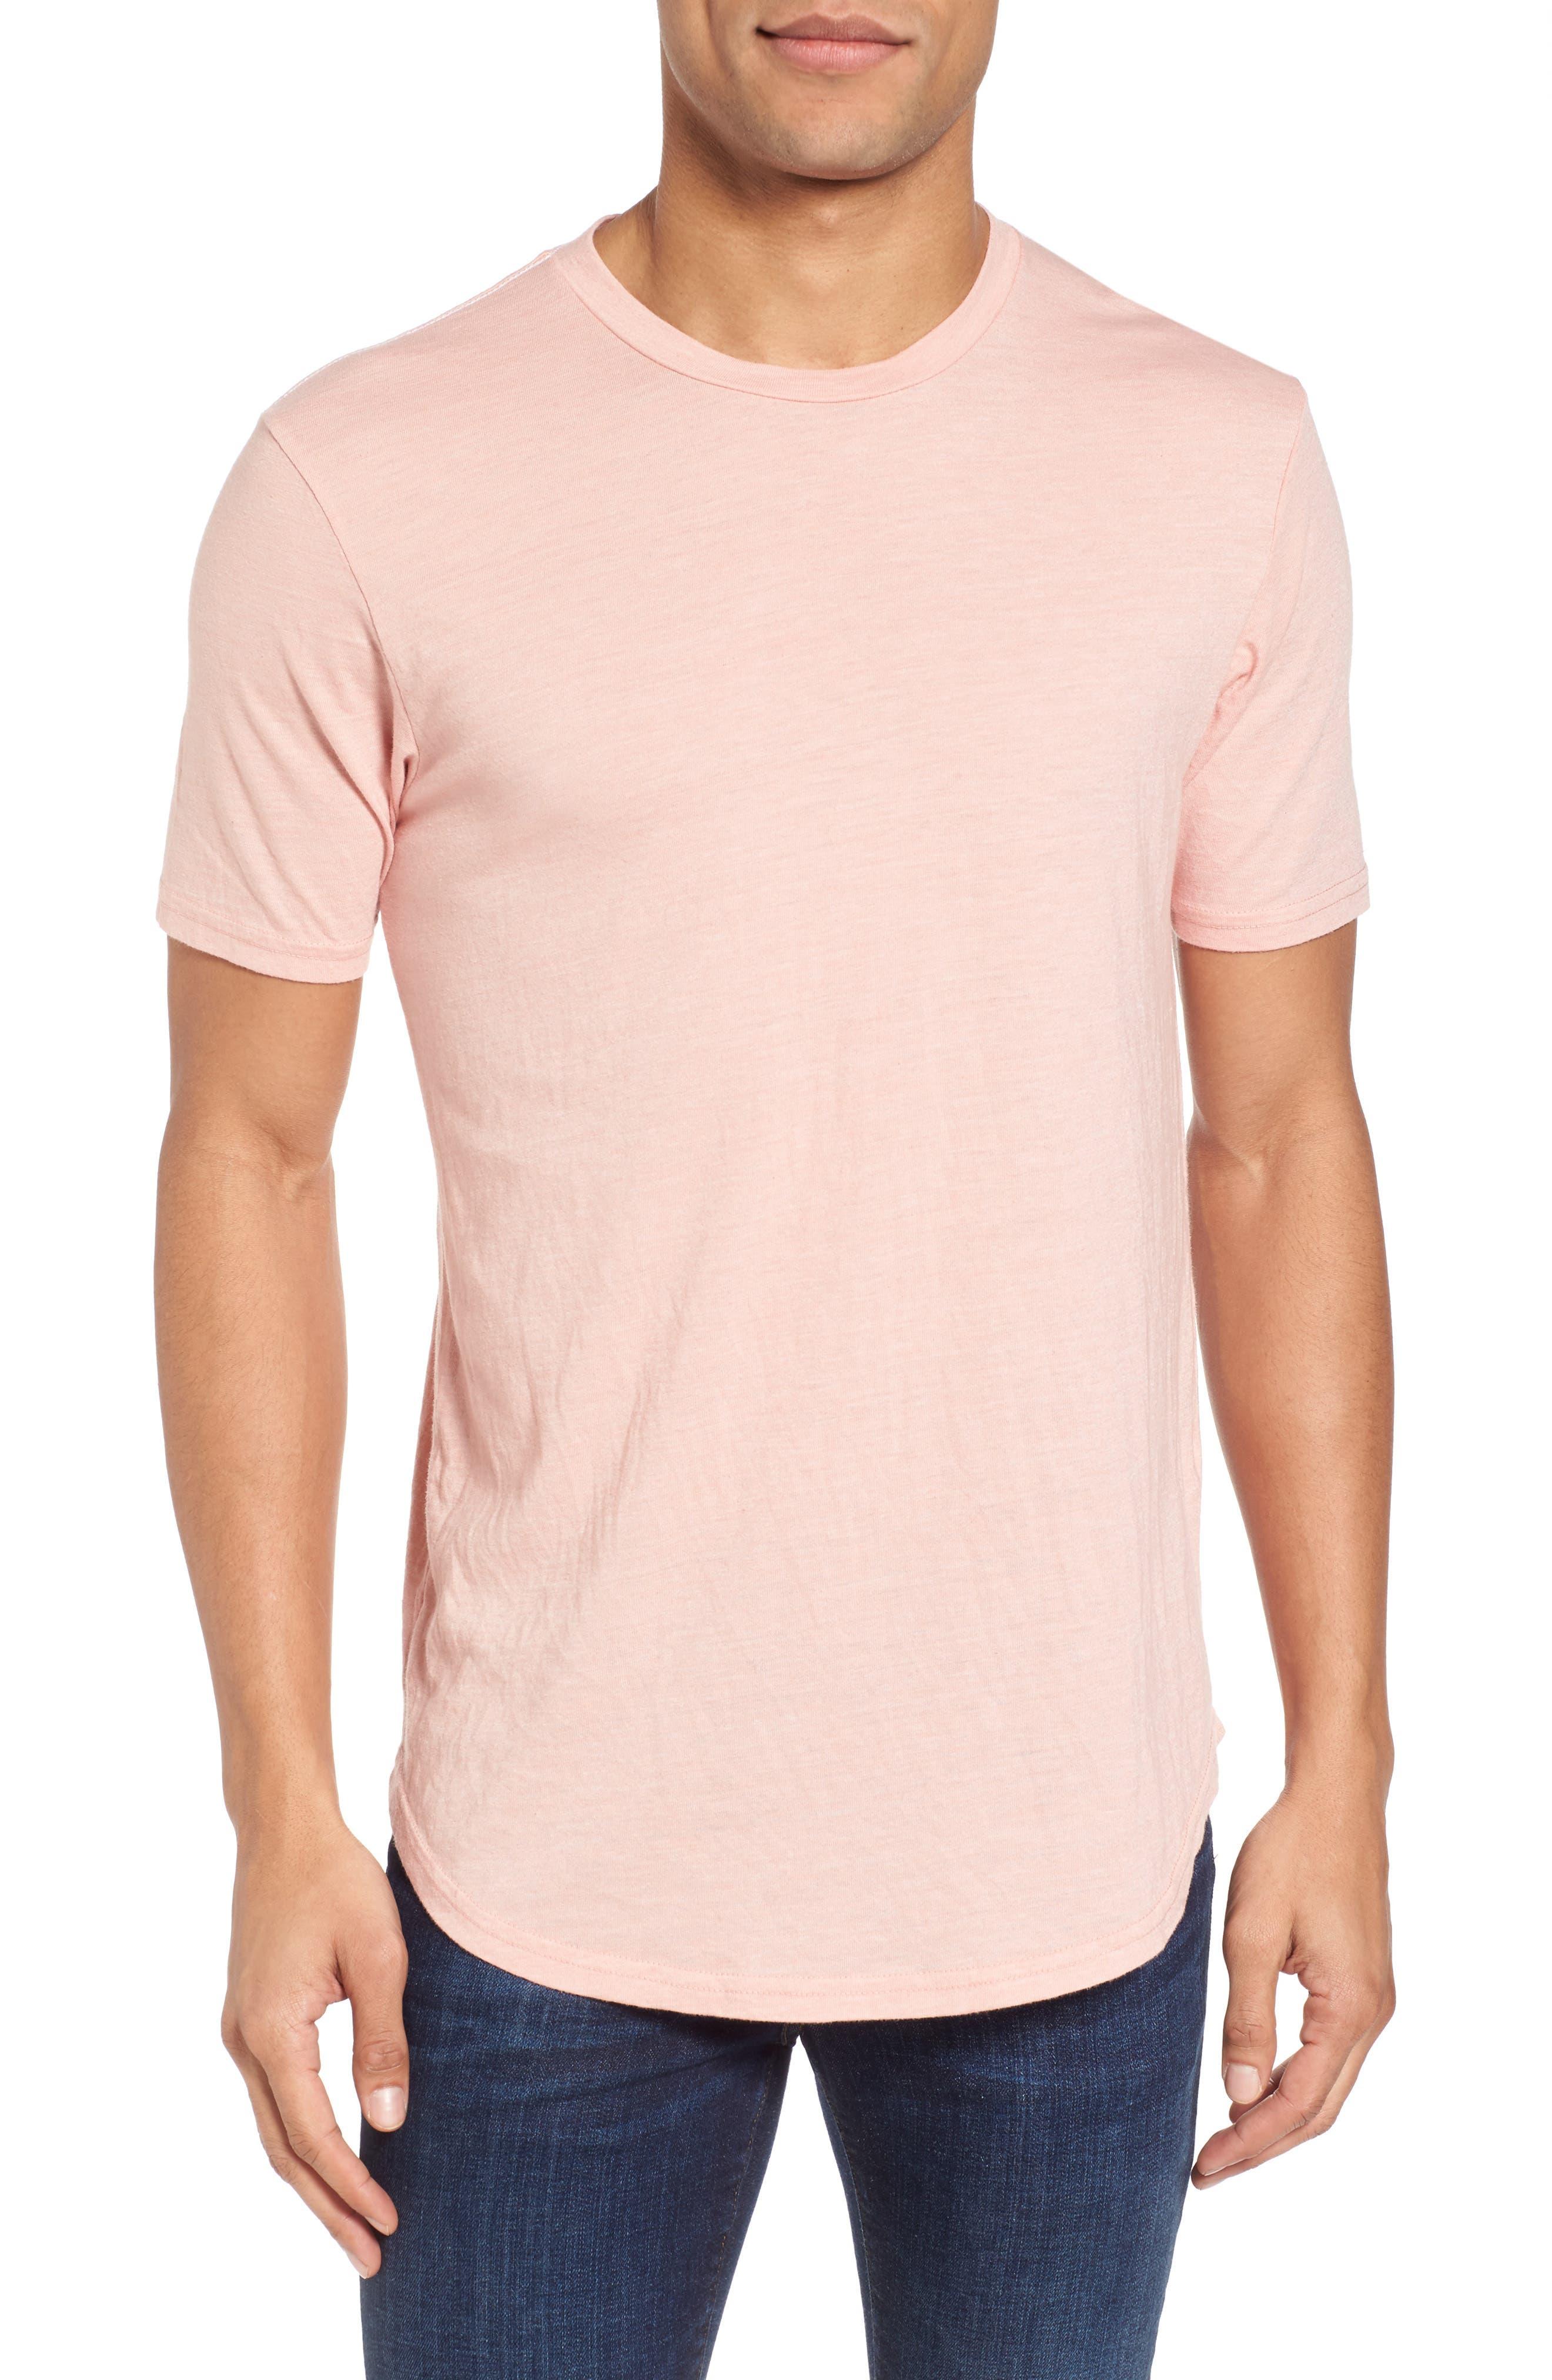 Main Image - Goodlife Crewneck T-Shirt